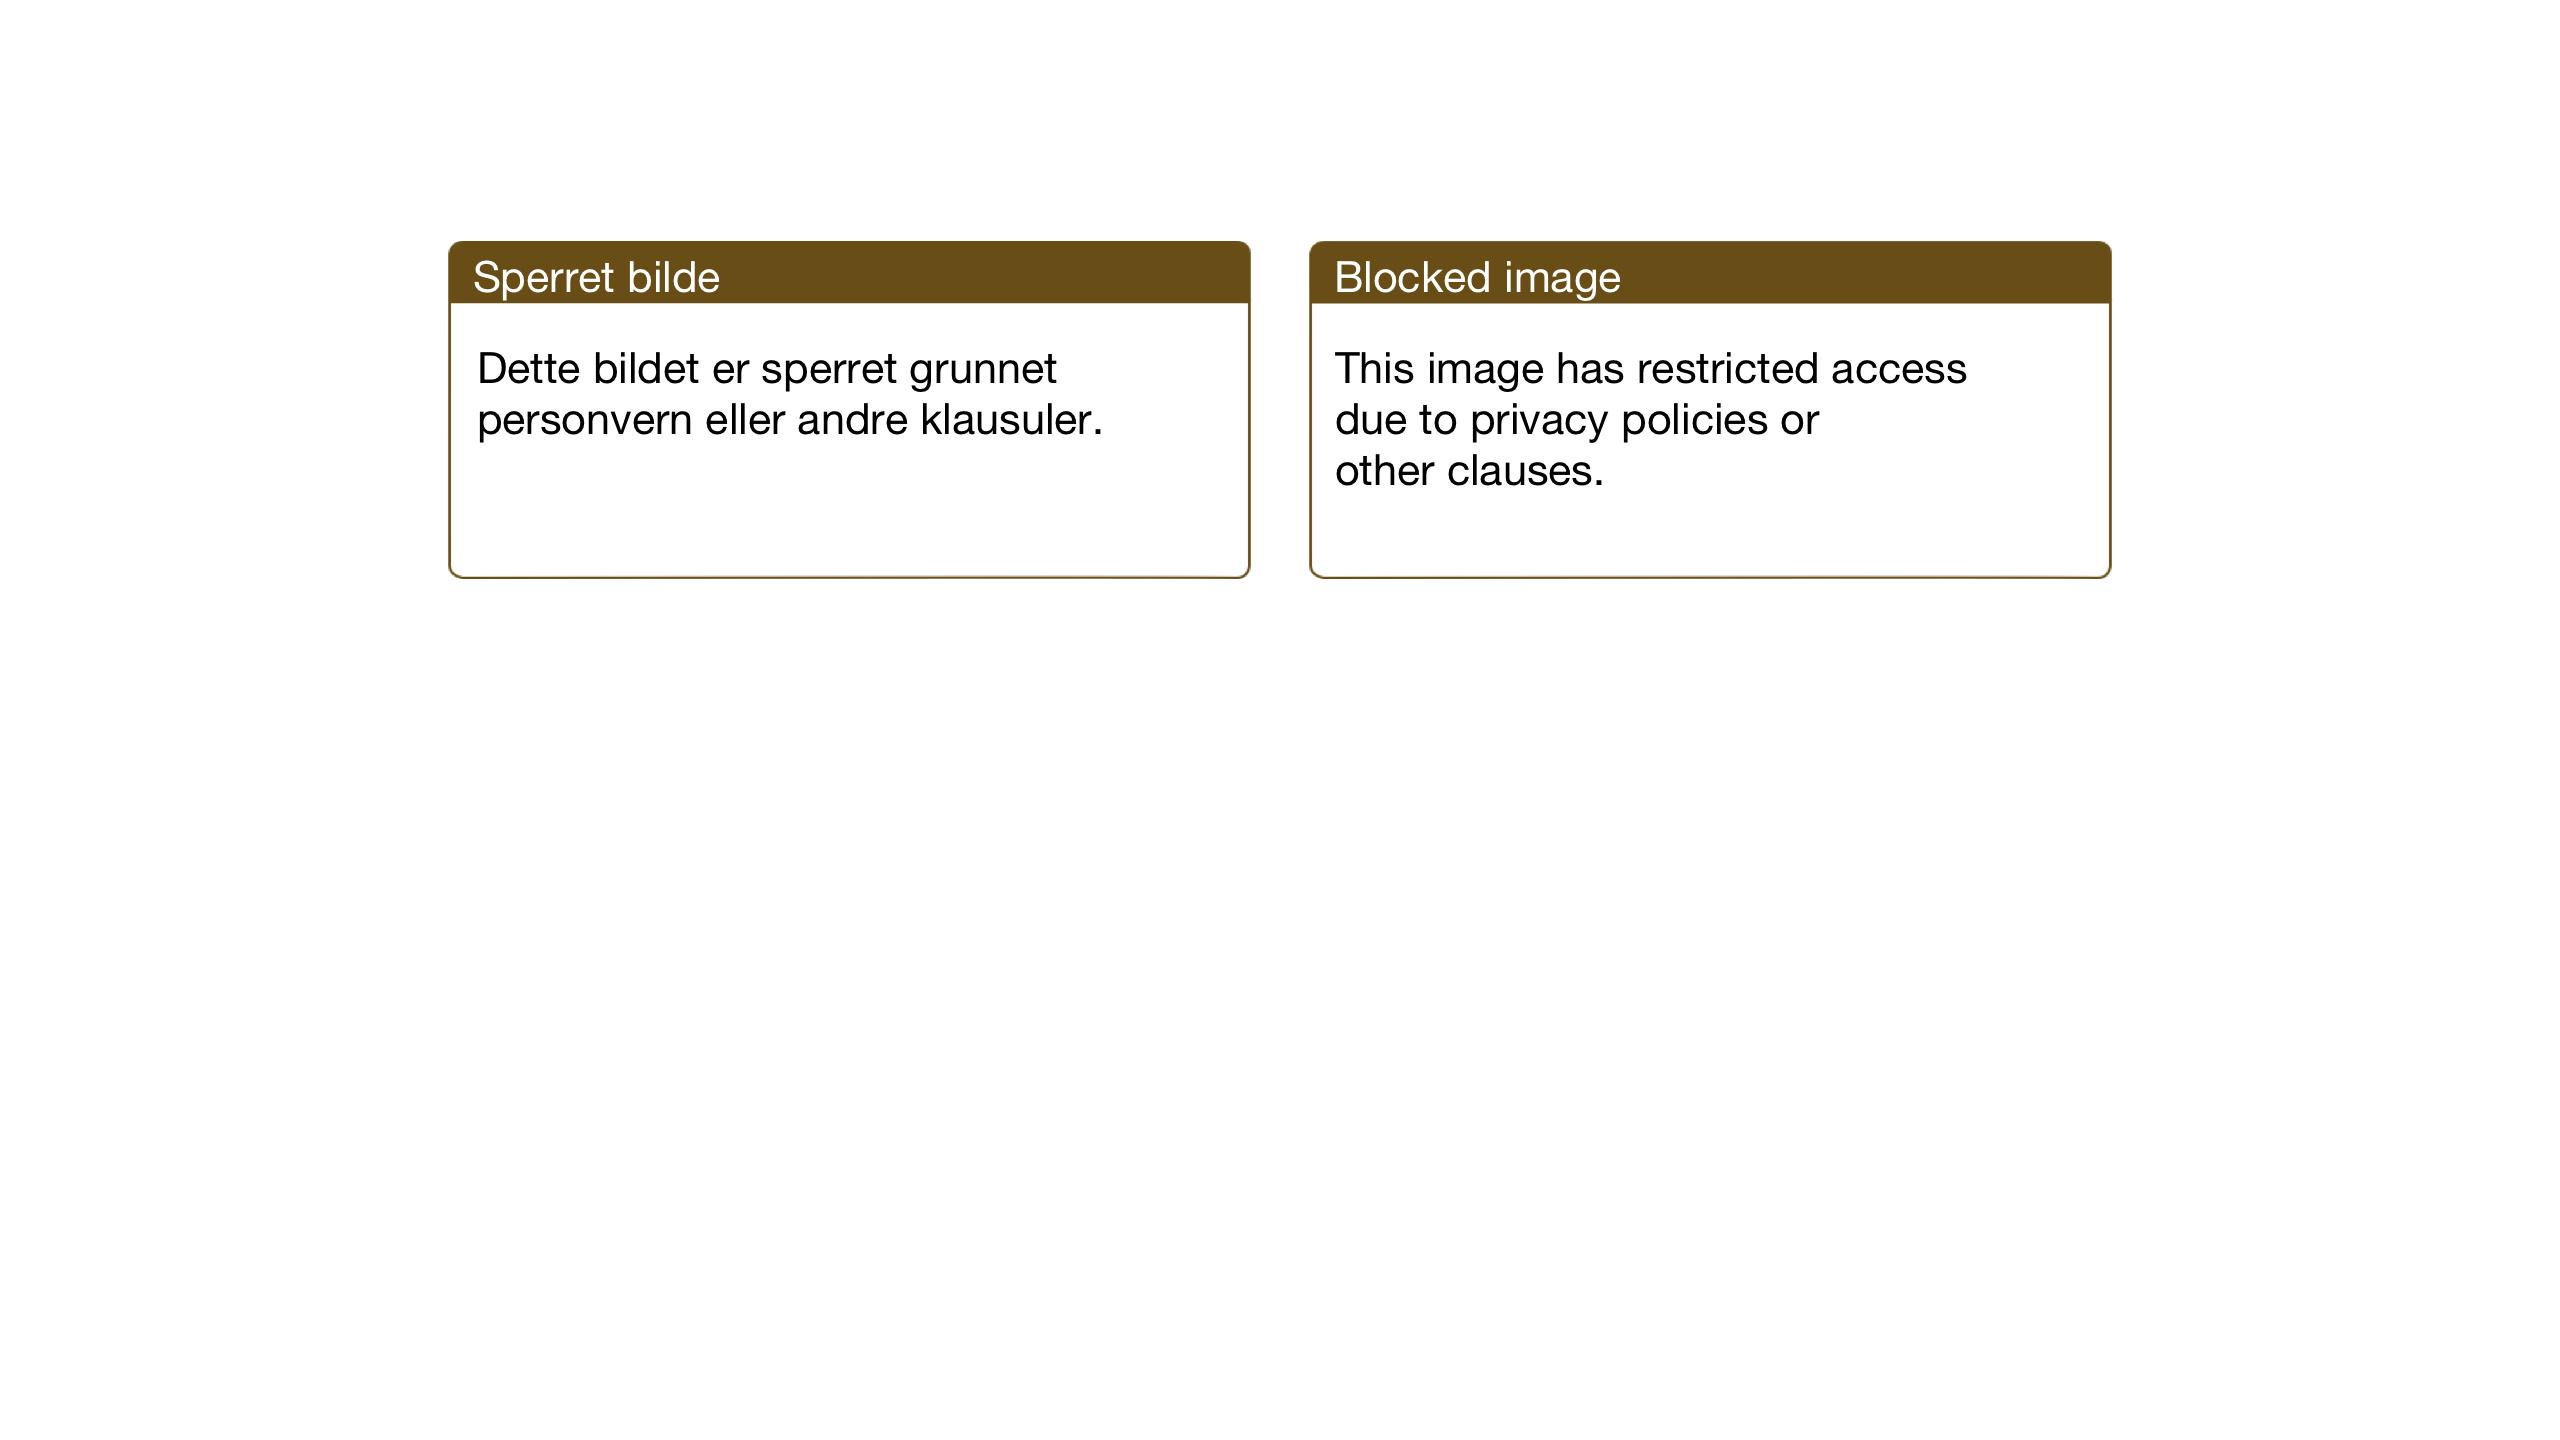 SAT, Ministerialprotokoller, klokkerbøker og fødselsregistre - Nord-Trøndelag, 746/L0456: Klokkerbok nr. 746C02, 1936-1948, s. 48